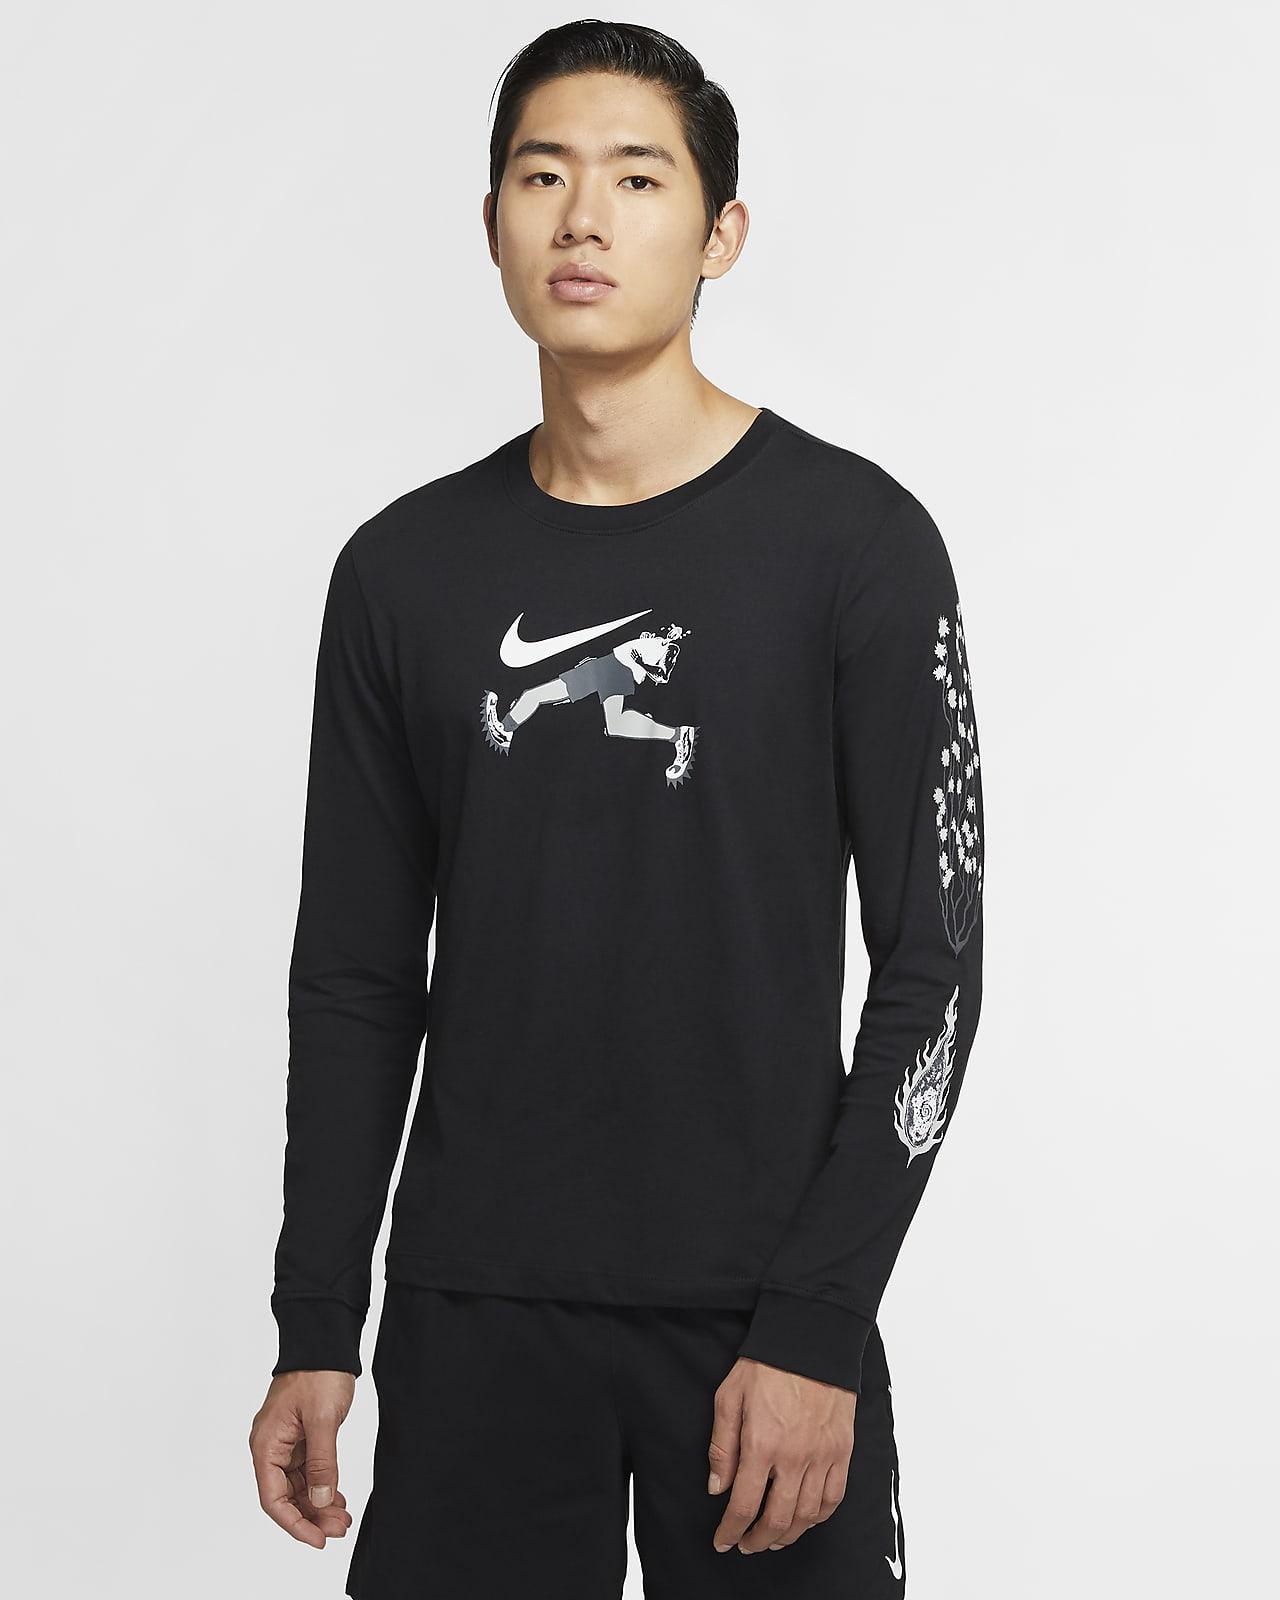 เสื้อยืดวิ่งแขนยาวผู้ชาย Nike Dri-FIT Wild Run